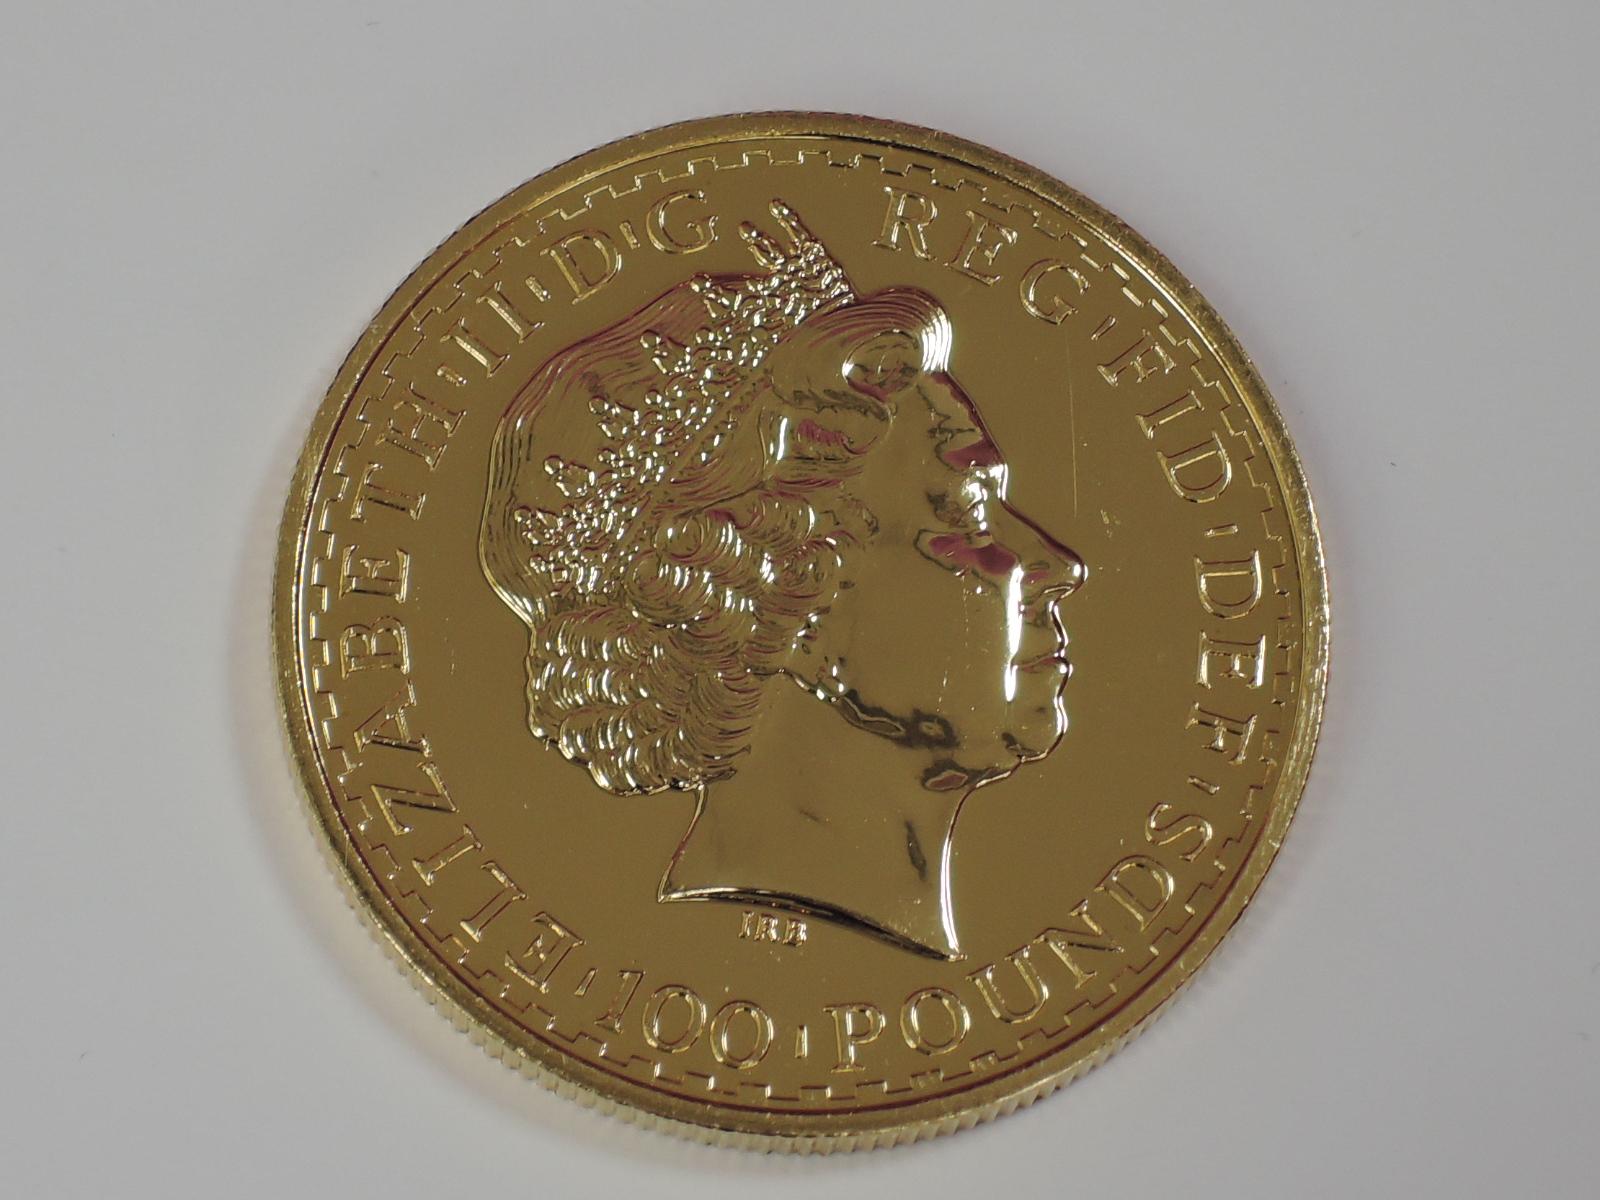 Lot 636 - A gold 1oz 2003 Great Britain Britannia 100 pound coin, in plastic case